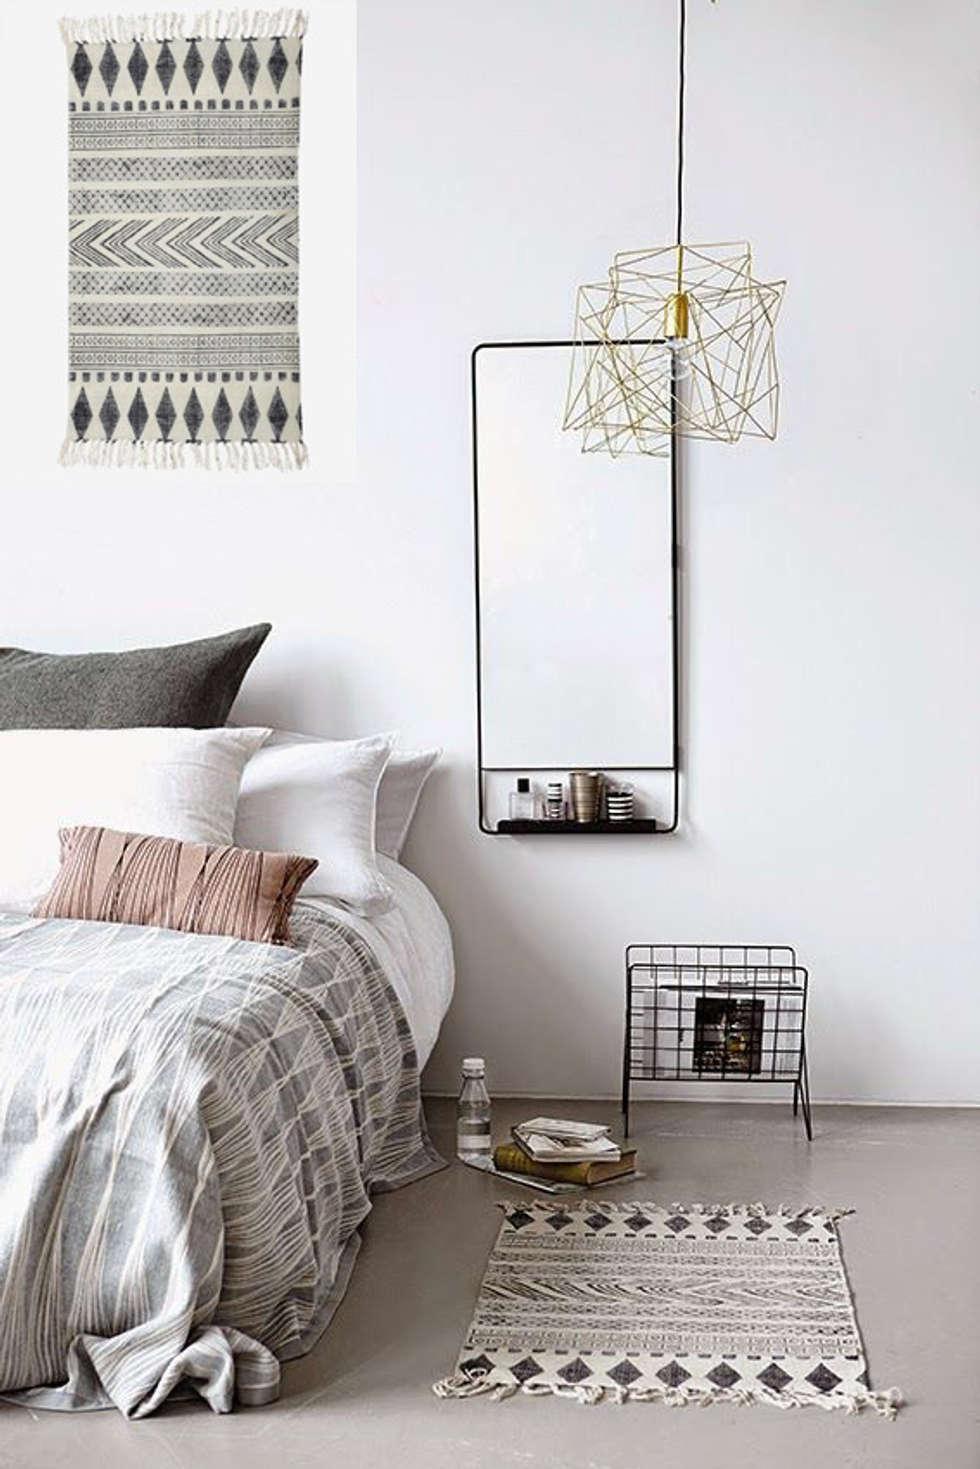 Fotos De Decora O Design De Interiores E Remodela Es Homify # Quartos Muebles